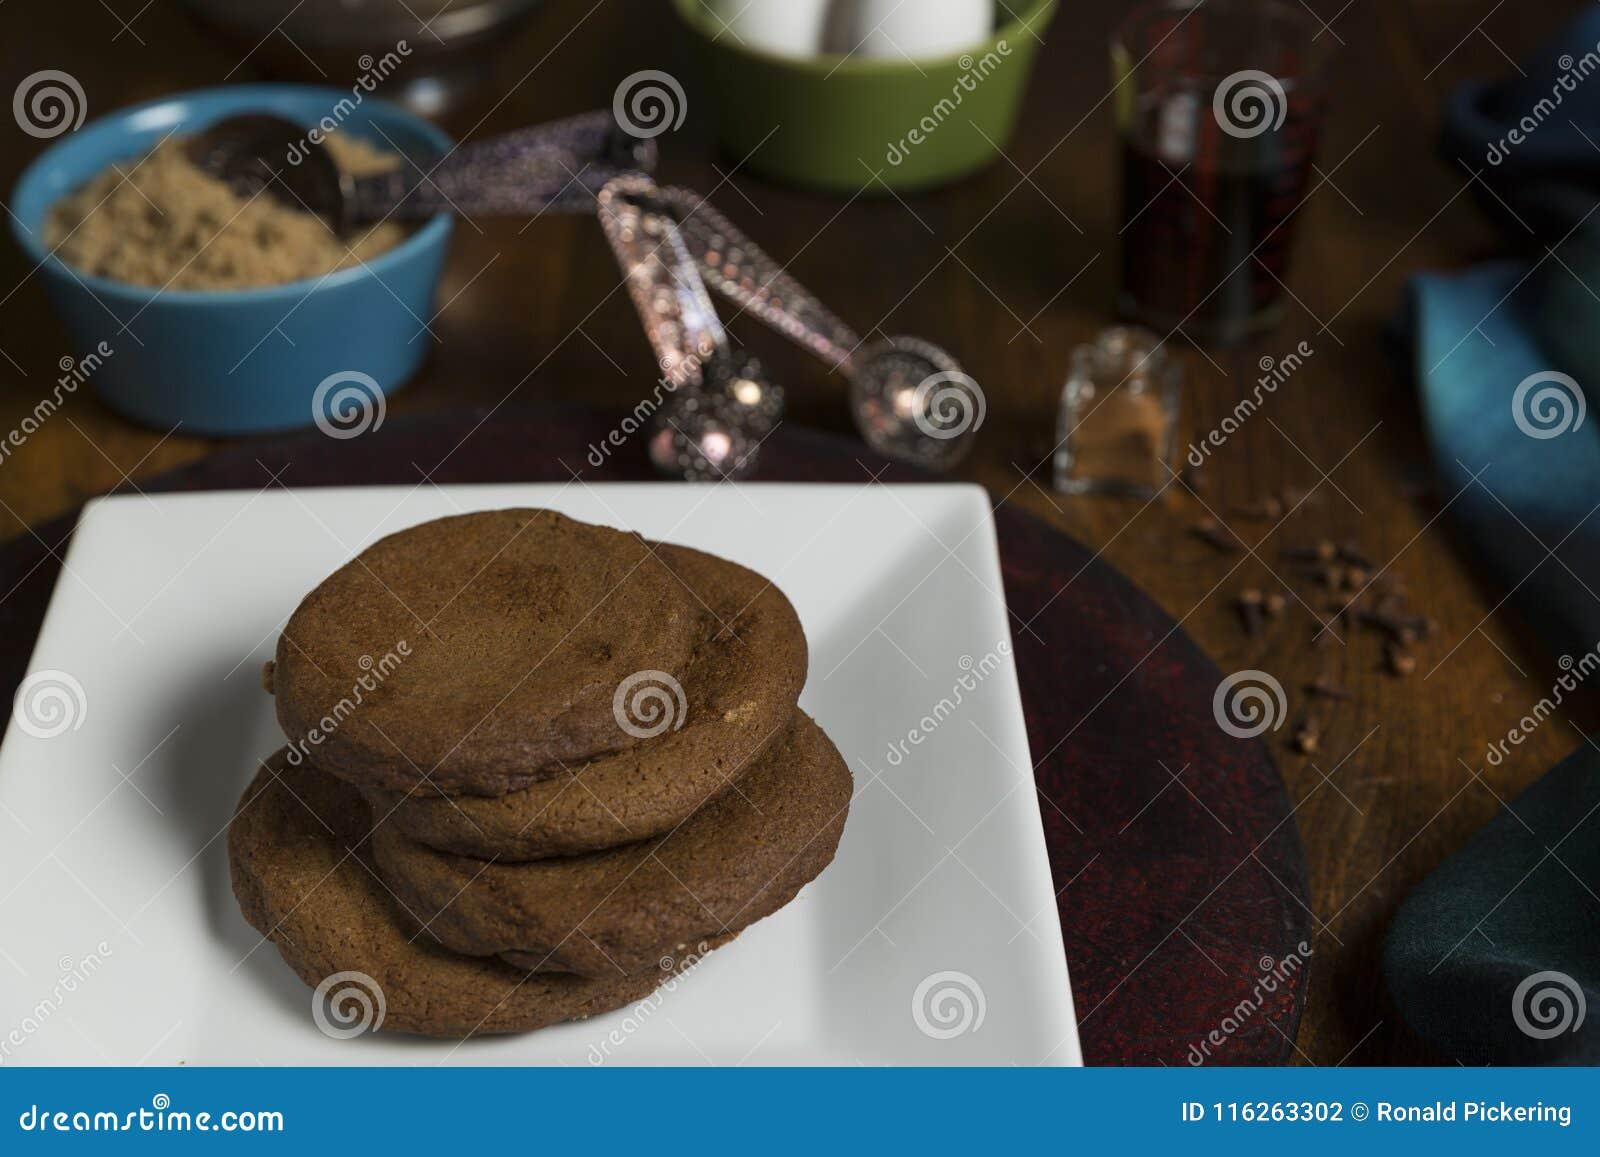 Μπισκότα μελασών με τα συστατικά